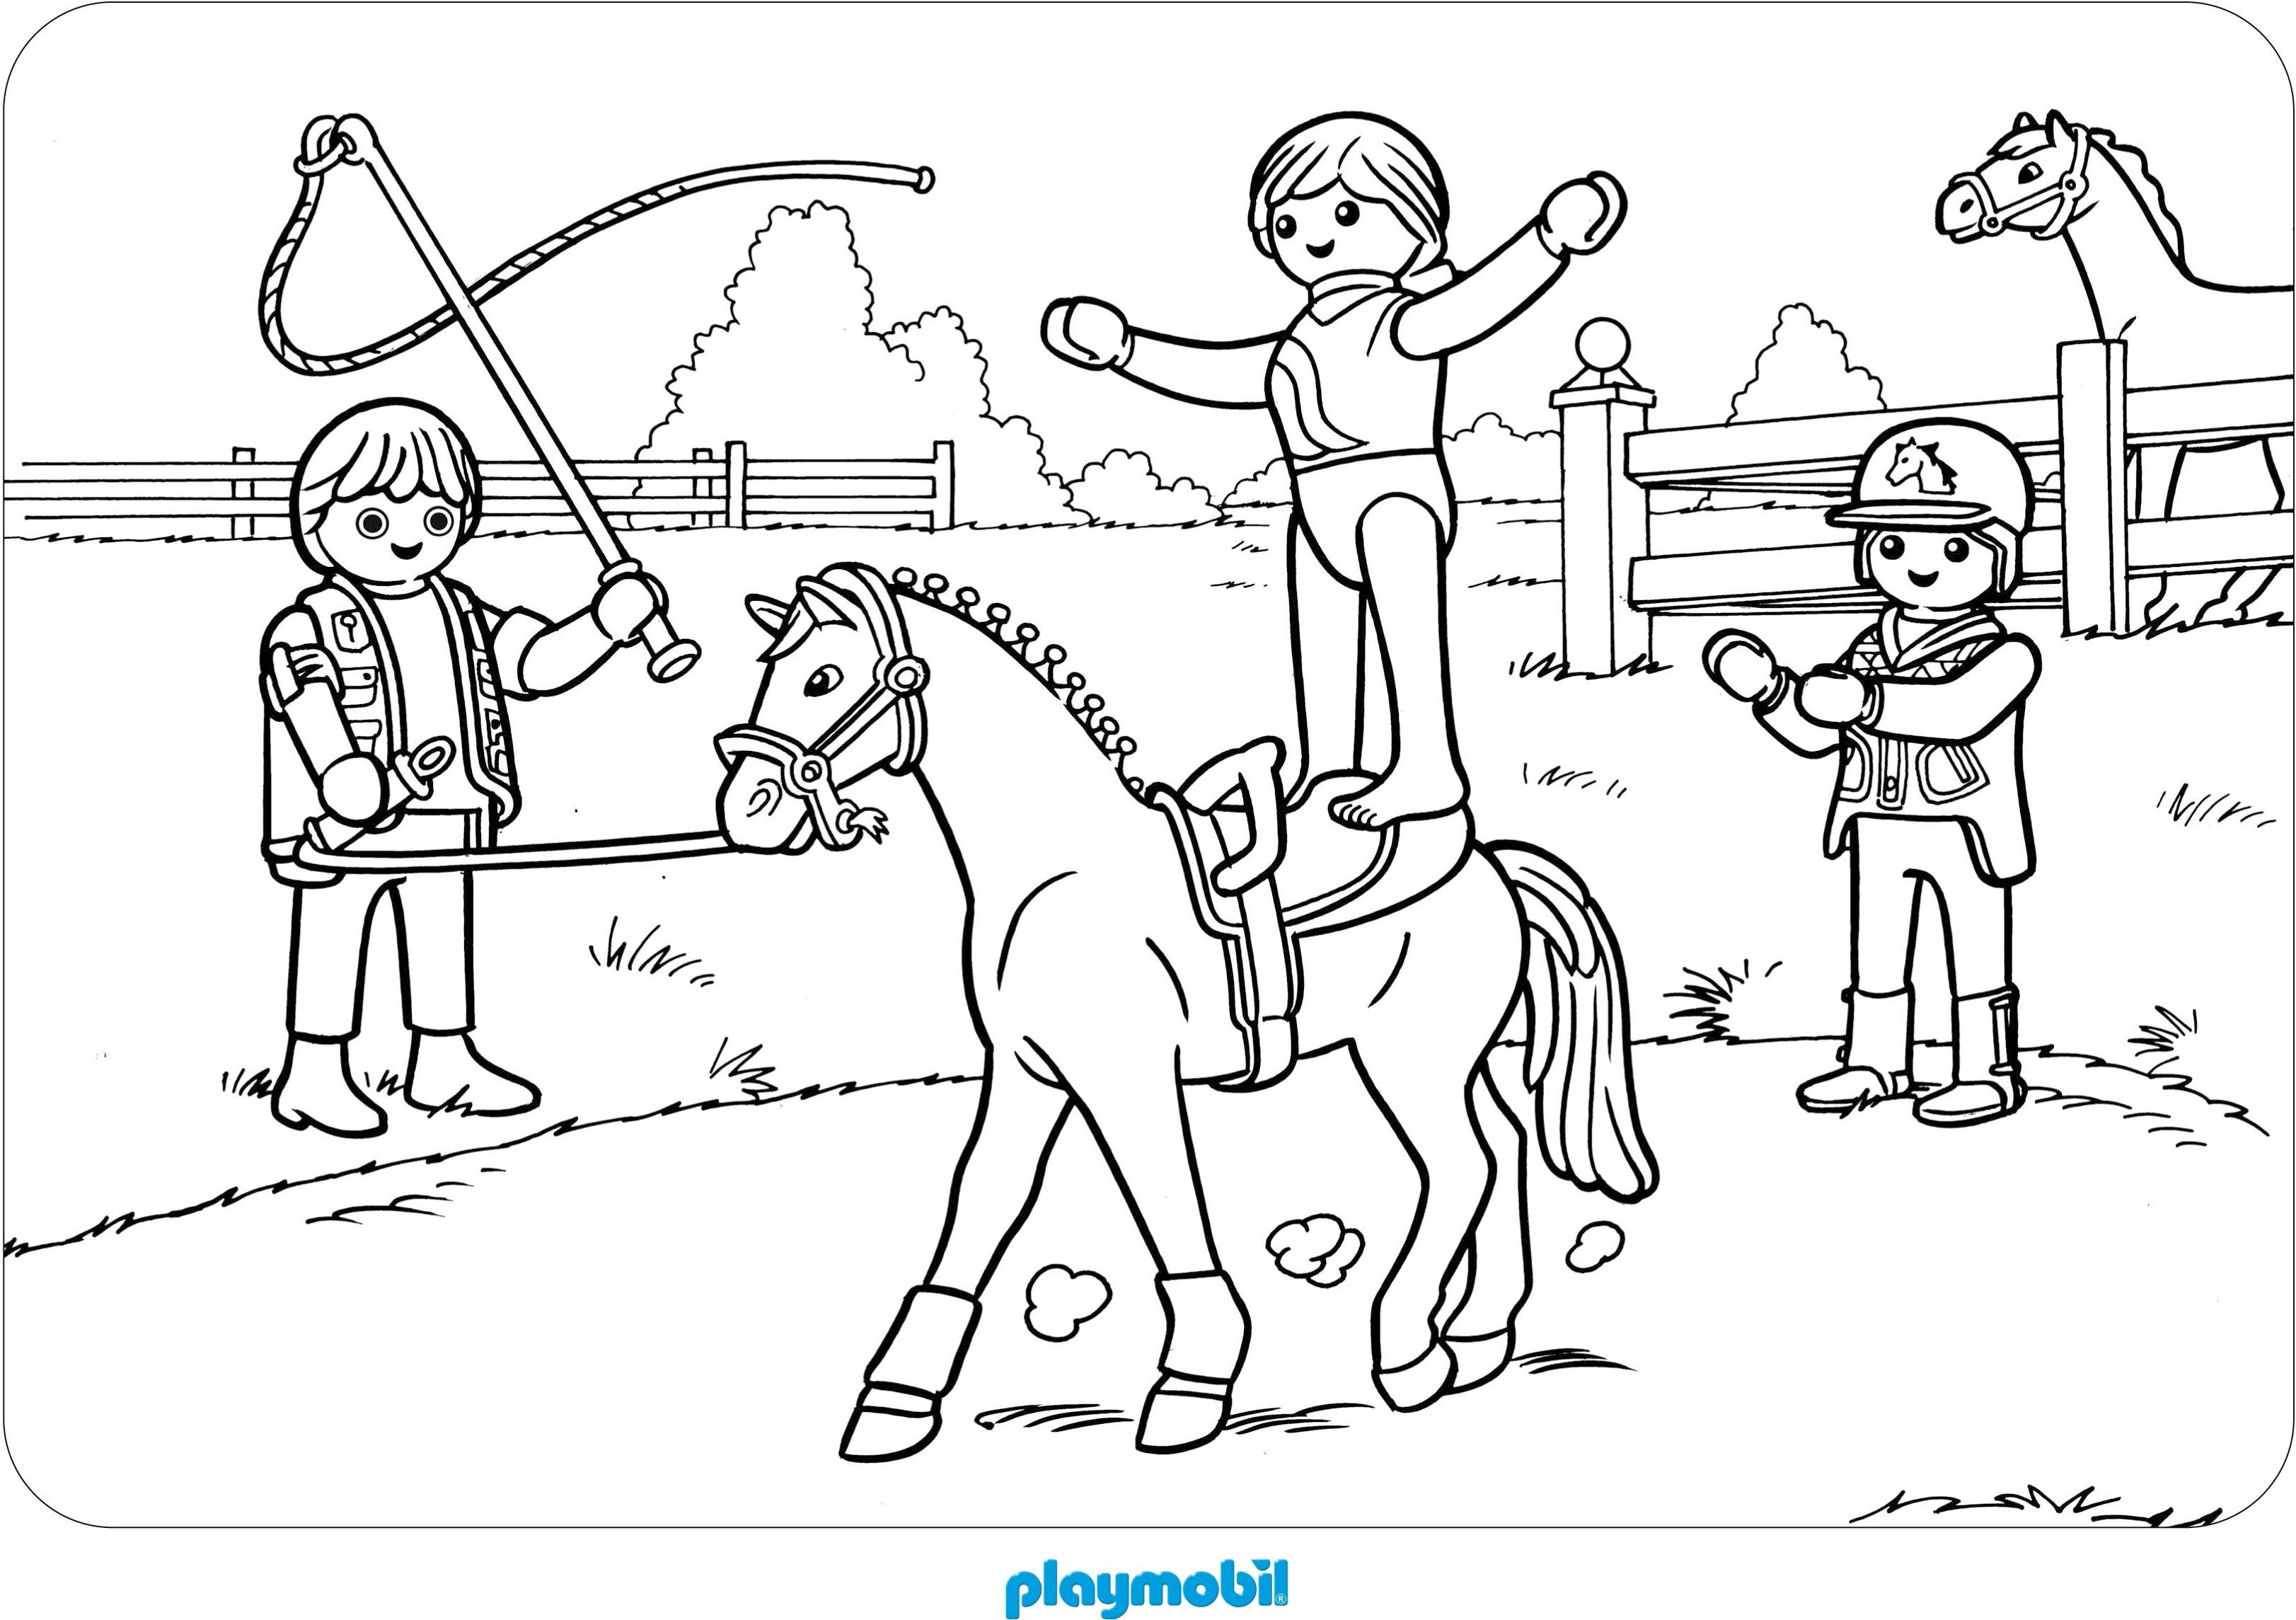 Playmobil Ausmalbilder : Playmobil Ausmalbilder Pferde Lego Ausmalbilder Pinterest